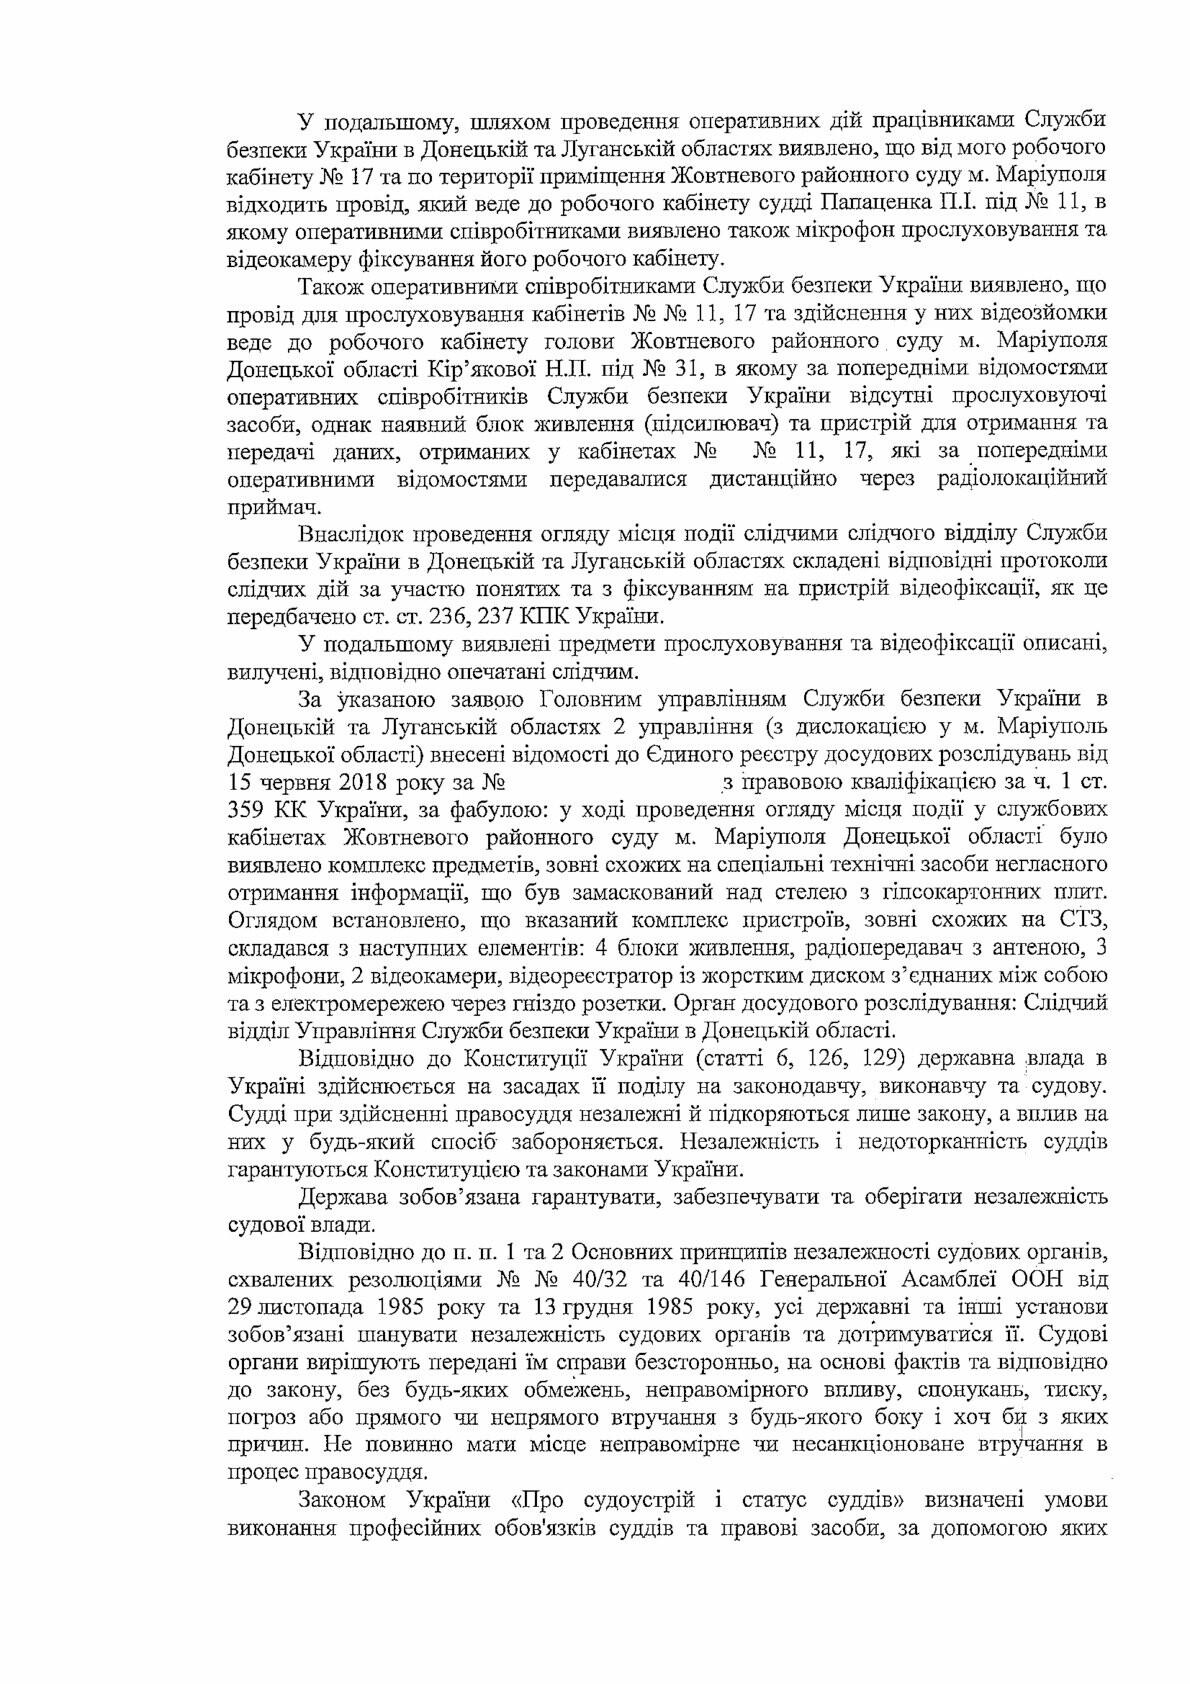 В Жовтневом суде Мариуполя обнаружили шпионскую аппаратуру, - Документ, фото-2